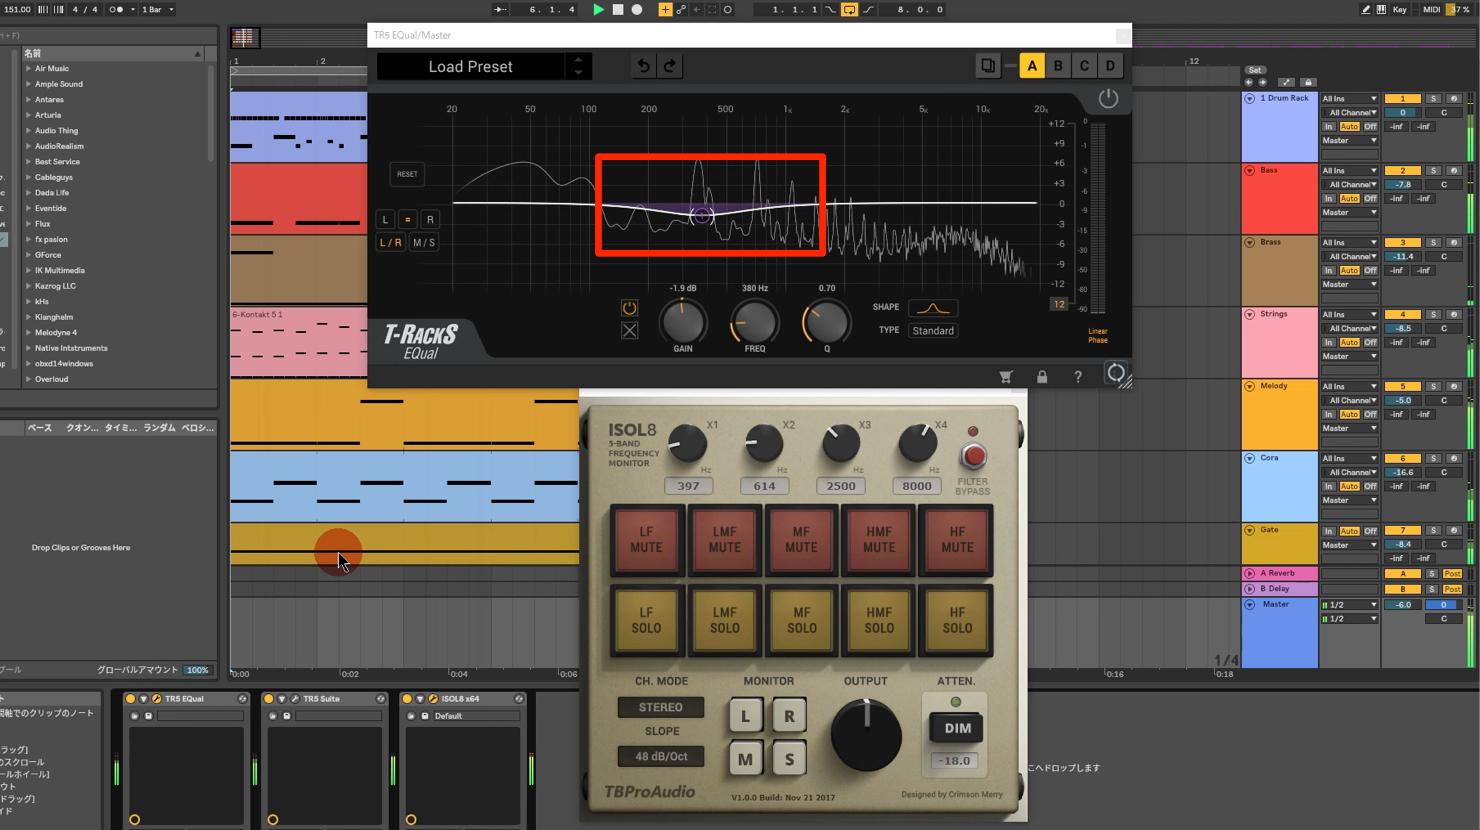 TBProAudio-ISOL8-How-to-7